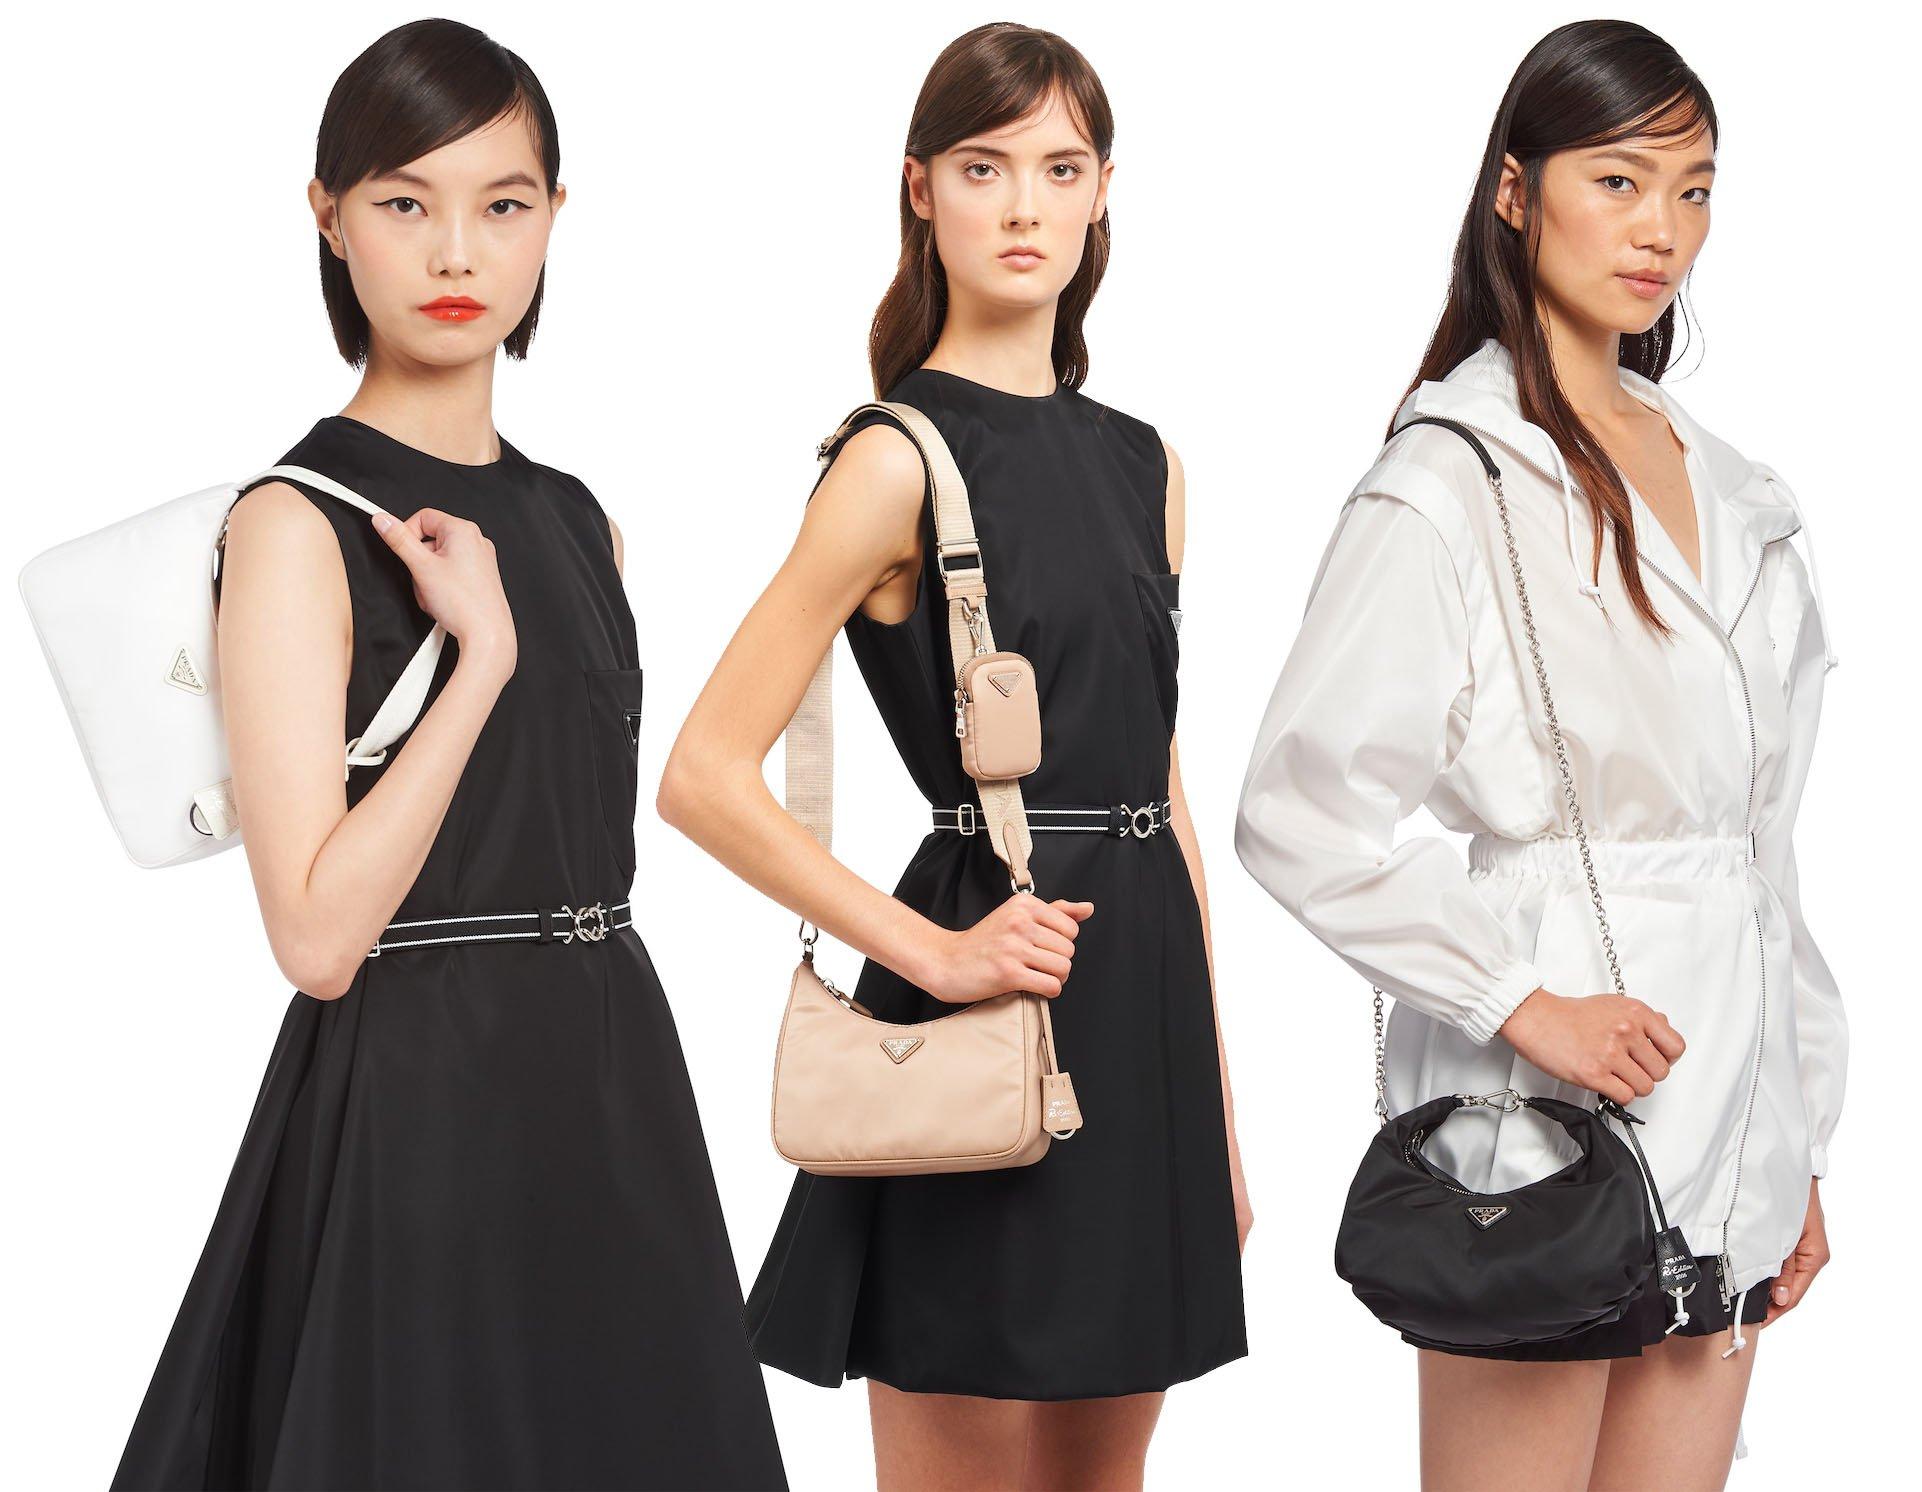 (Left to right) The Prada Re-Edition Nylon Mini from 2000, the Prada Re-Edition Nylon bag from 2005, and the Prada Re-Edition Nylon bag from 2006